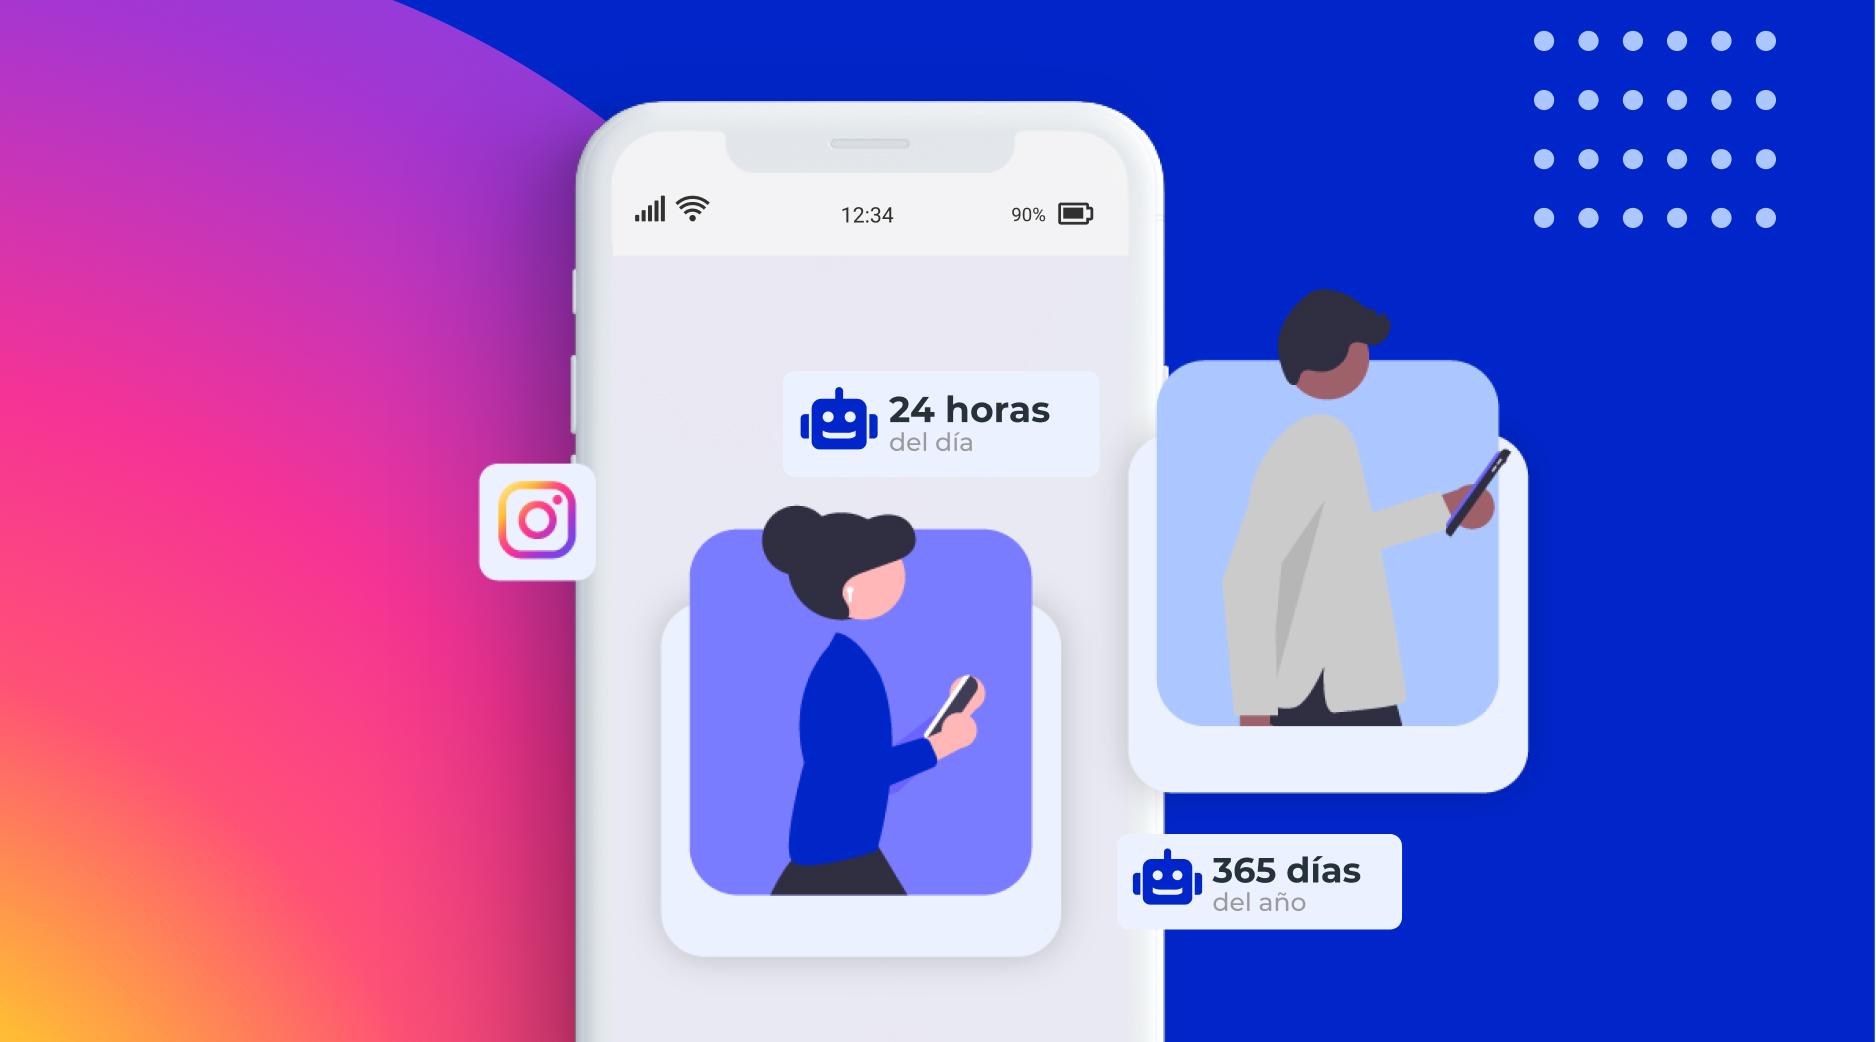 ¿Qué puedo automatizar en Instagram?